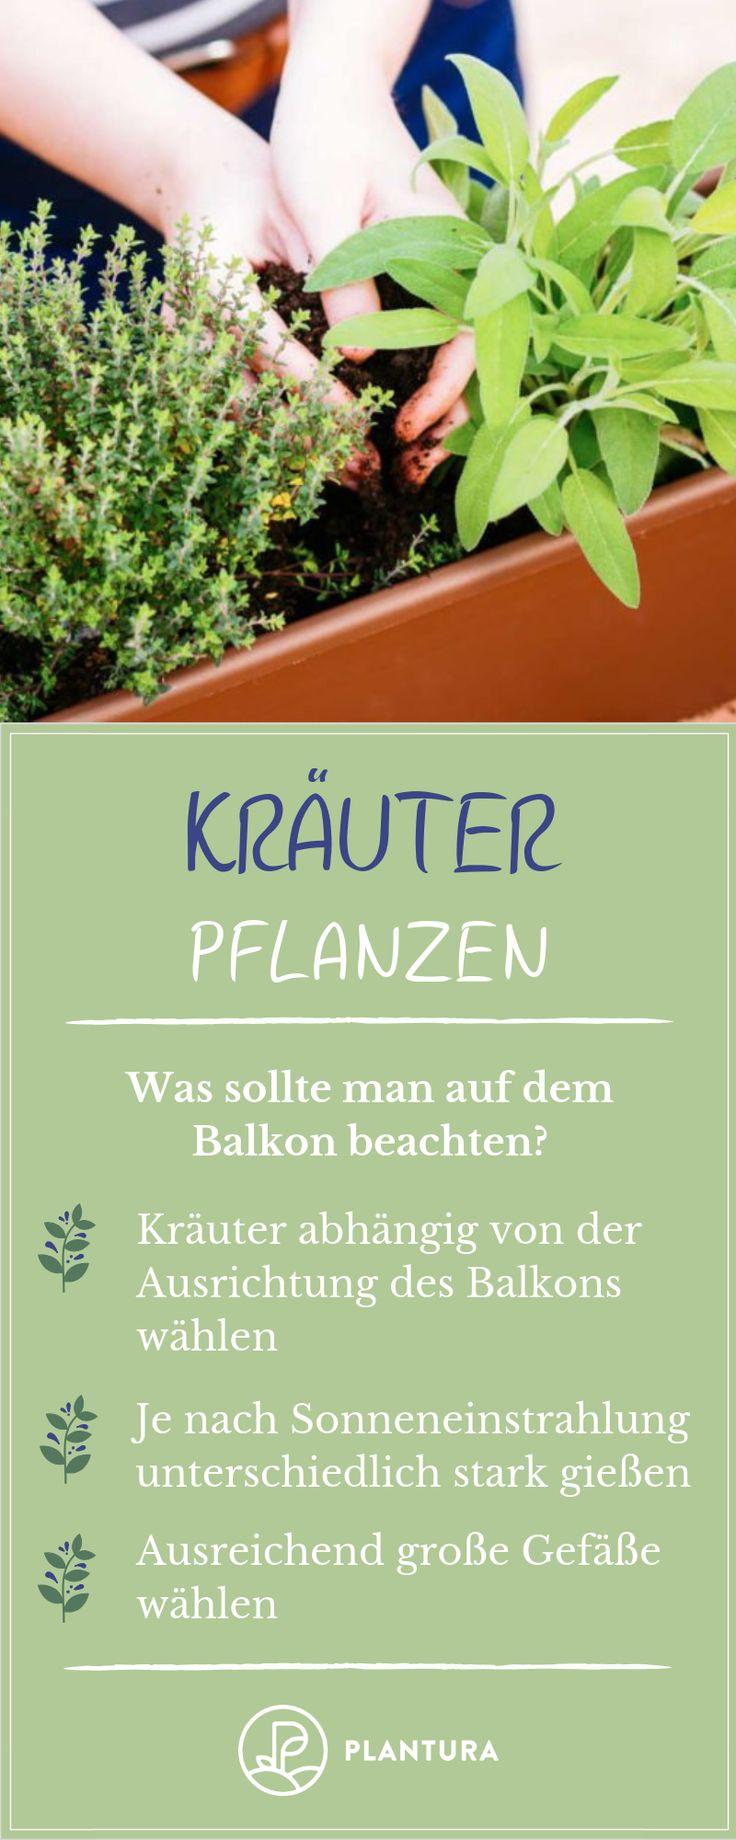 Kräuter pflanzen – Balkon: Hier lernst du, wie man Kräuter pflanzt …   – Gartenheldinnen Gruppenboard